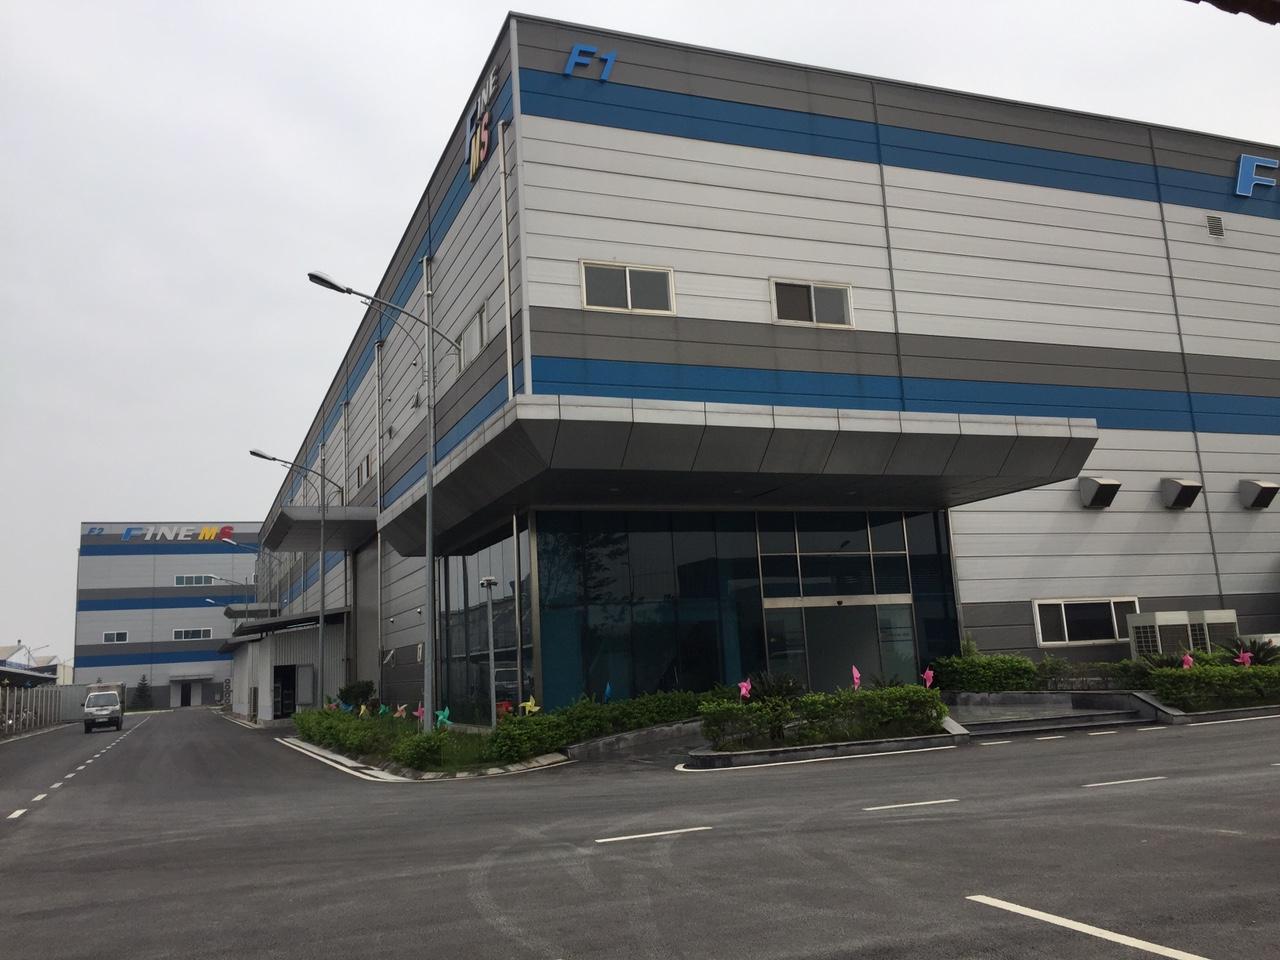 Hoàn thành lắp đặt hệ thống camera giám sát tại Công ty TNHH Fine MS Vina- KCN Quế Võ- TP. Bắc Ninh- T.Bắc Ninh